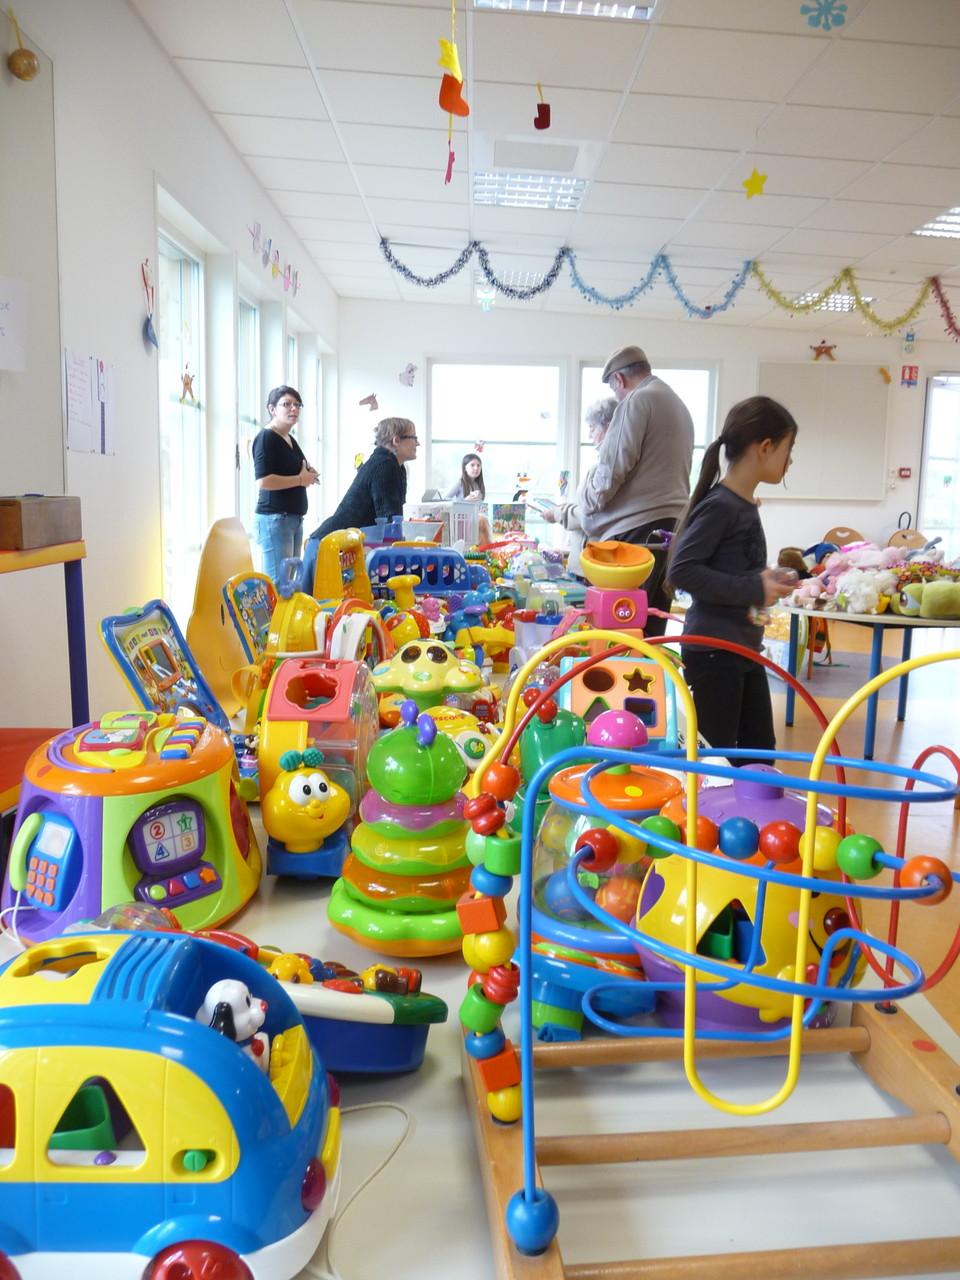 Bourse aux jouets 30 nov 2013